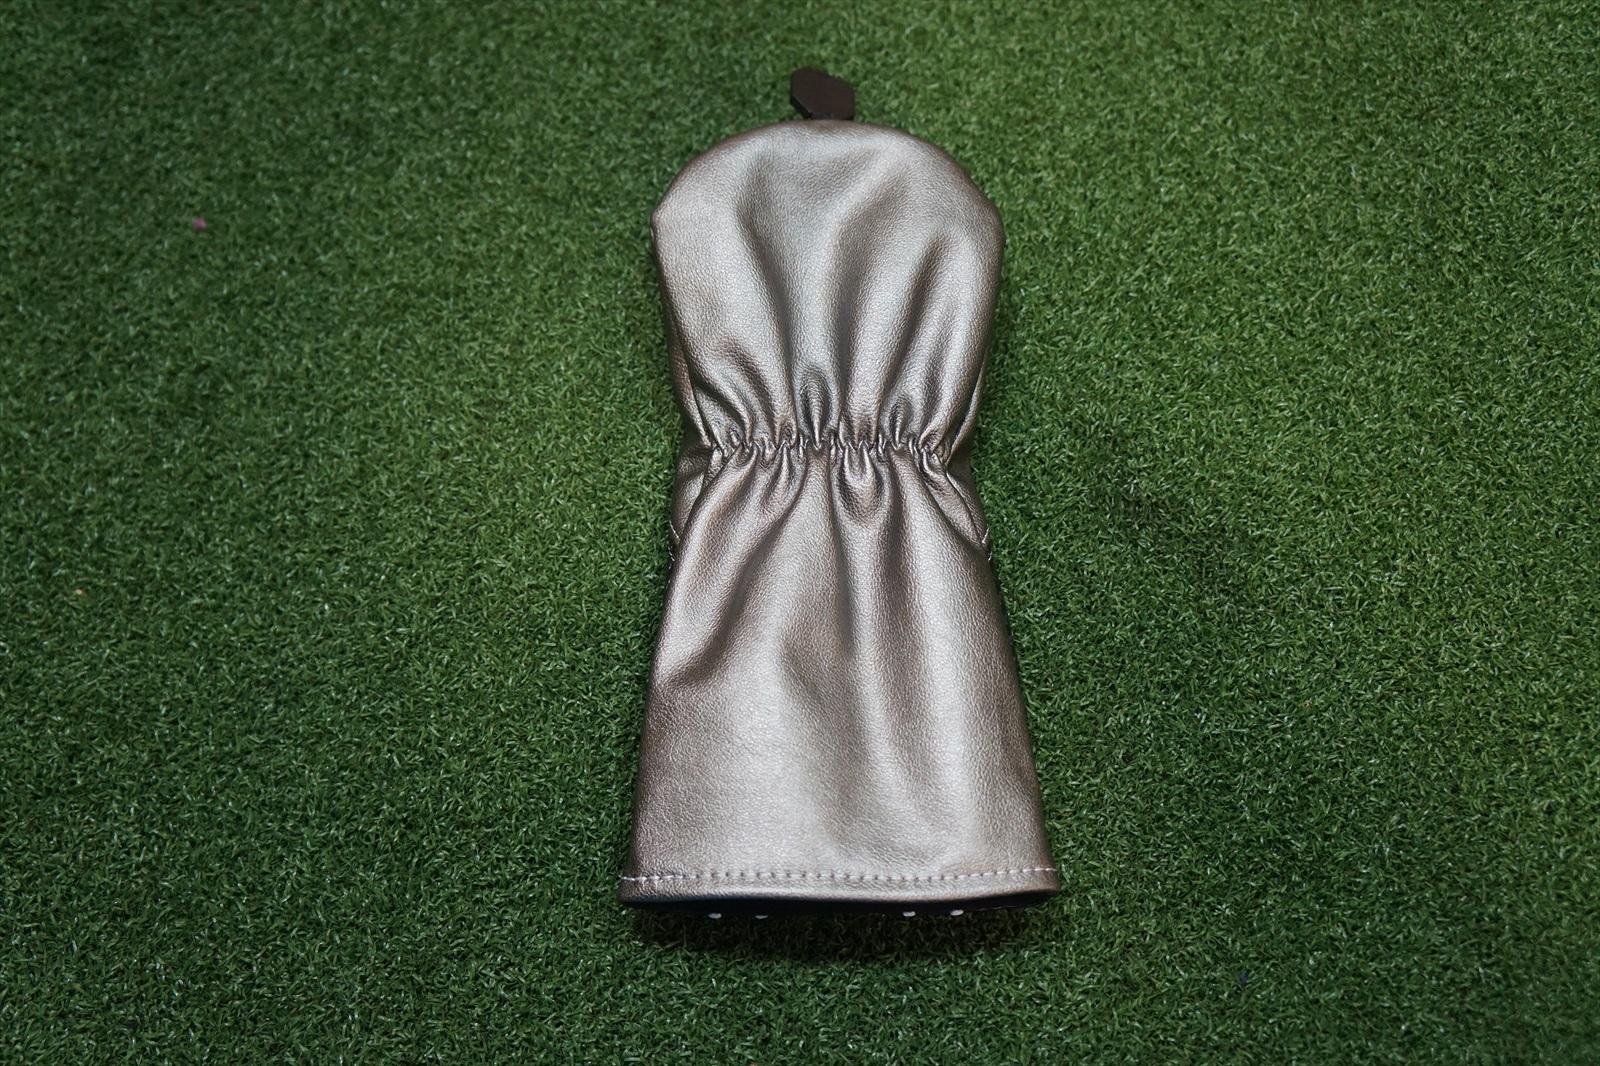 Callaway-Golf-Steelhead-XR-Bois-De-Fairway-un-Couvre-Bois-Tete-Housse-tres-bon miniature 2